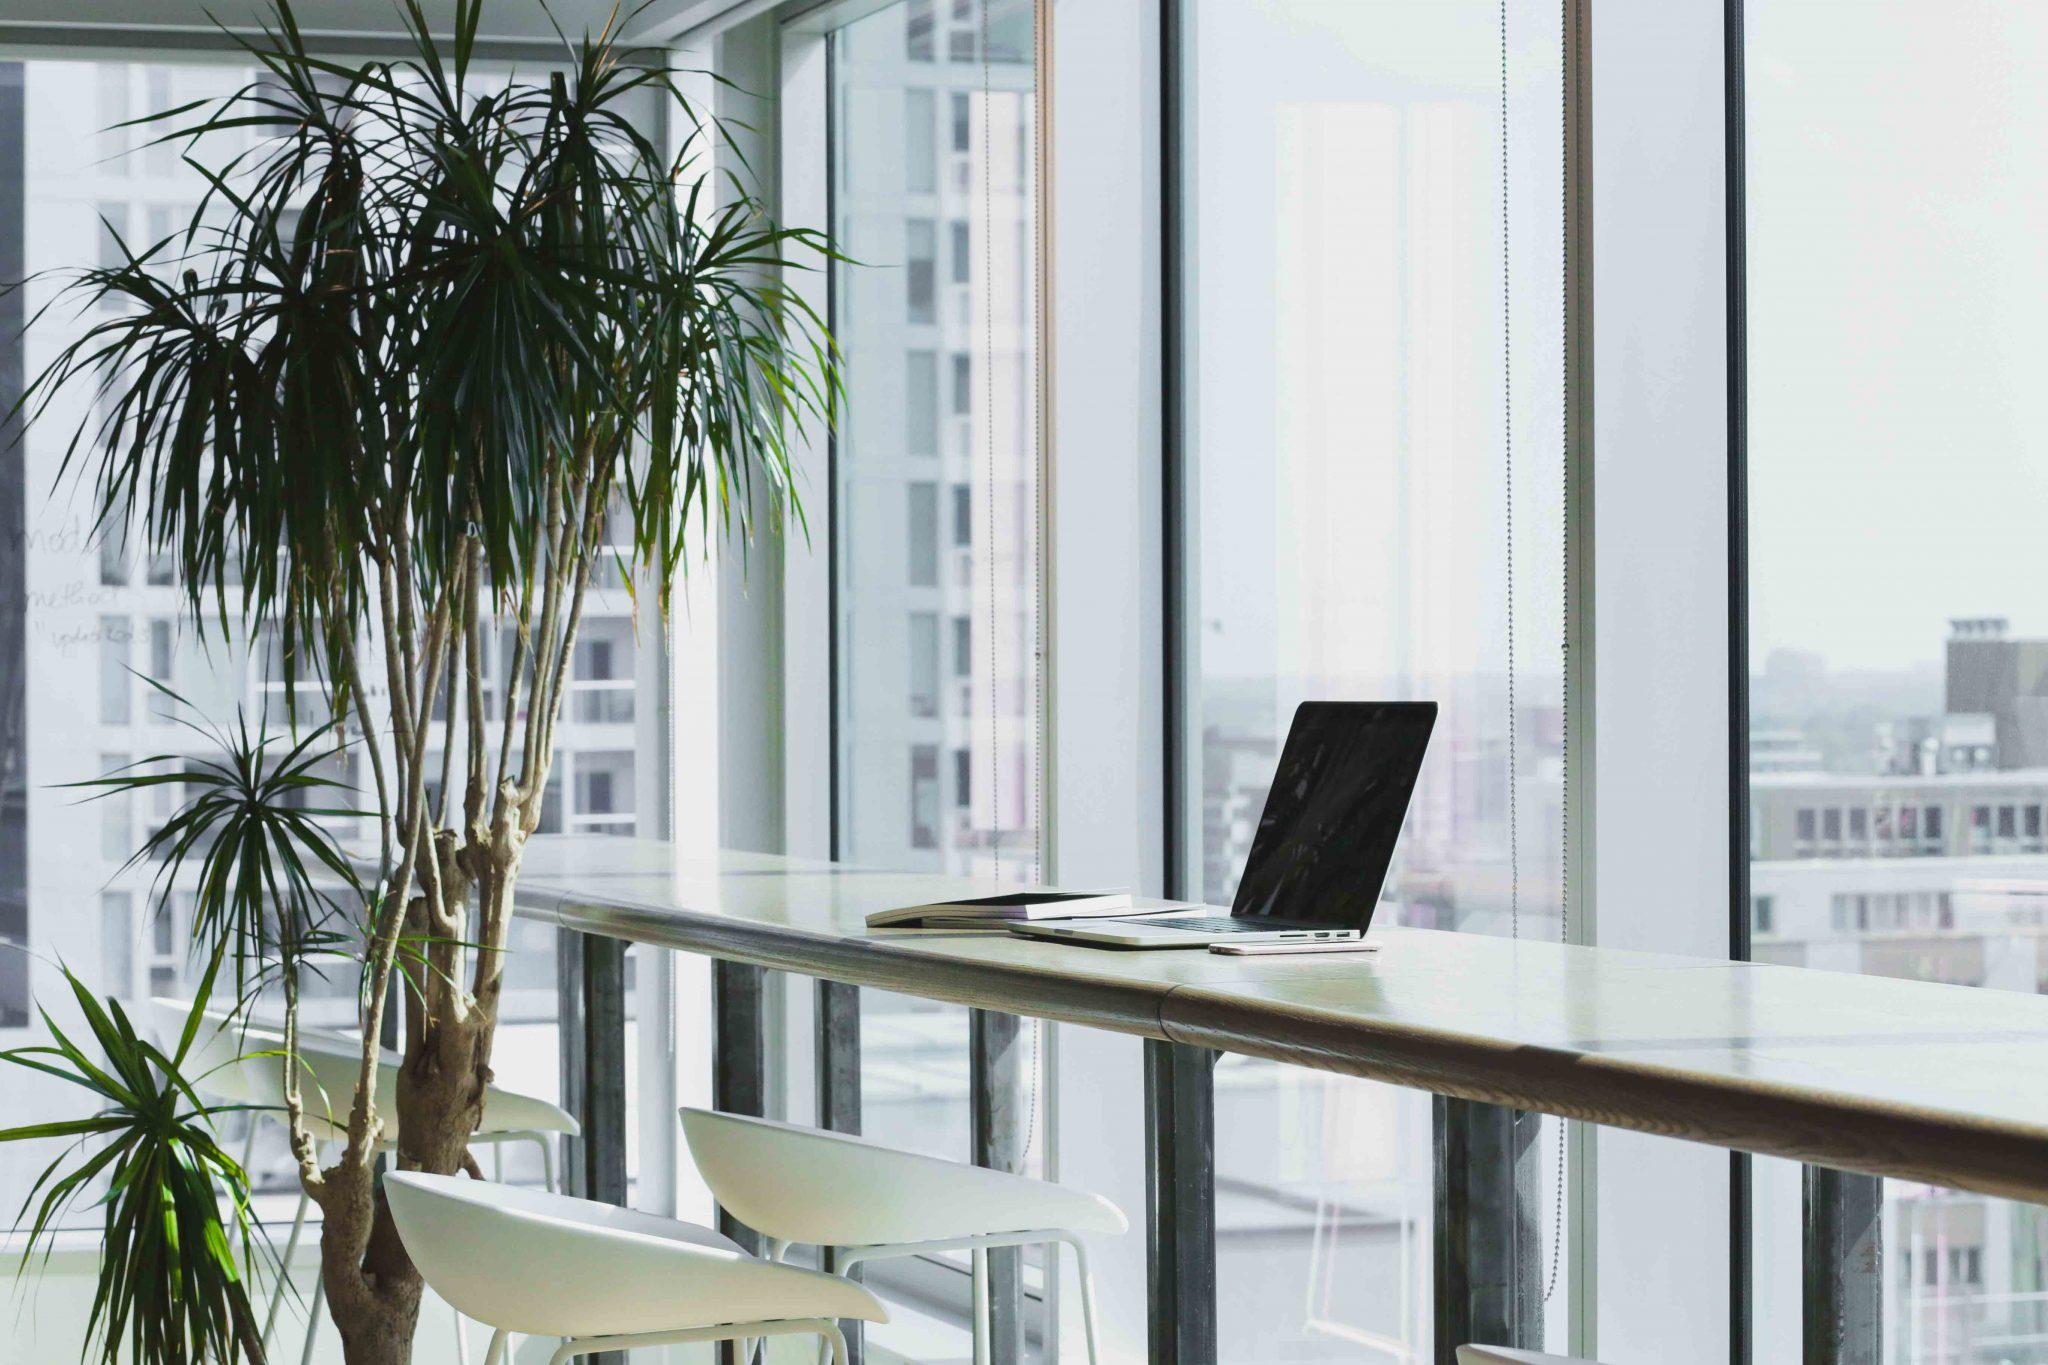 scrivania con laptop e vetrata sullo sfondo